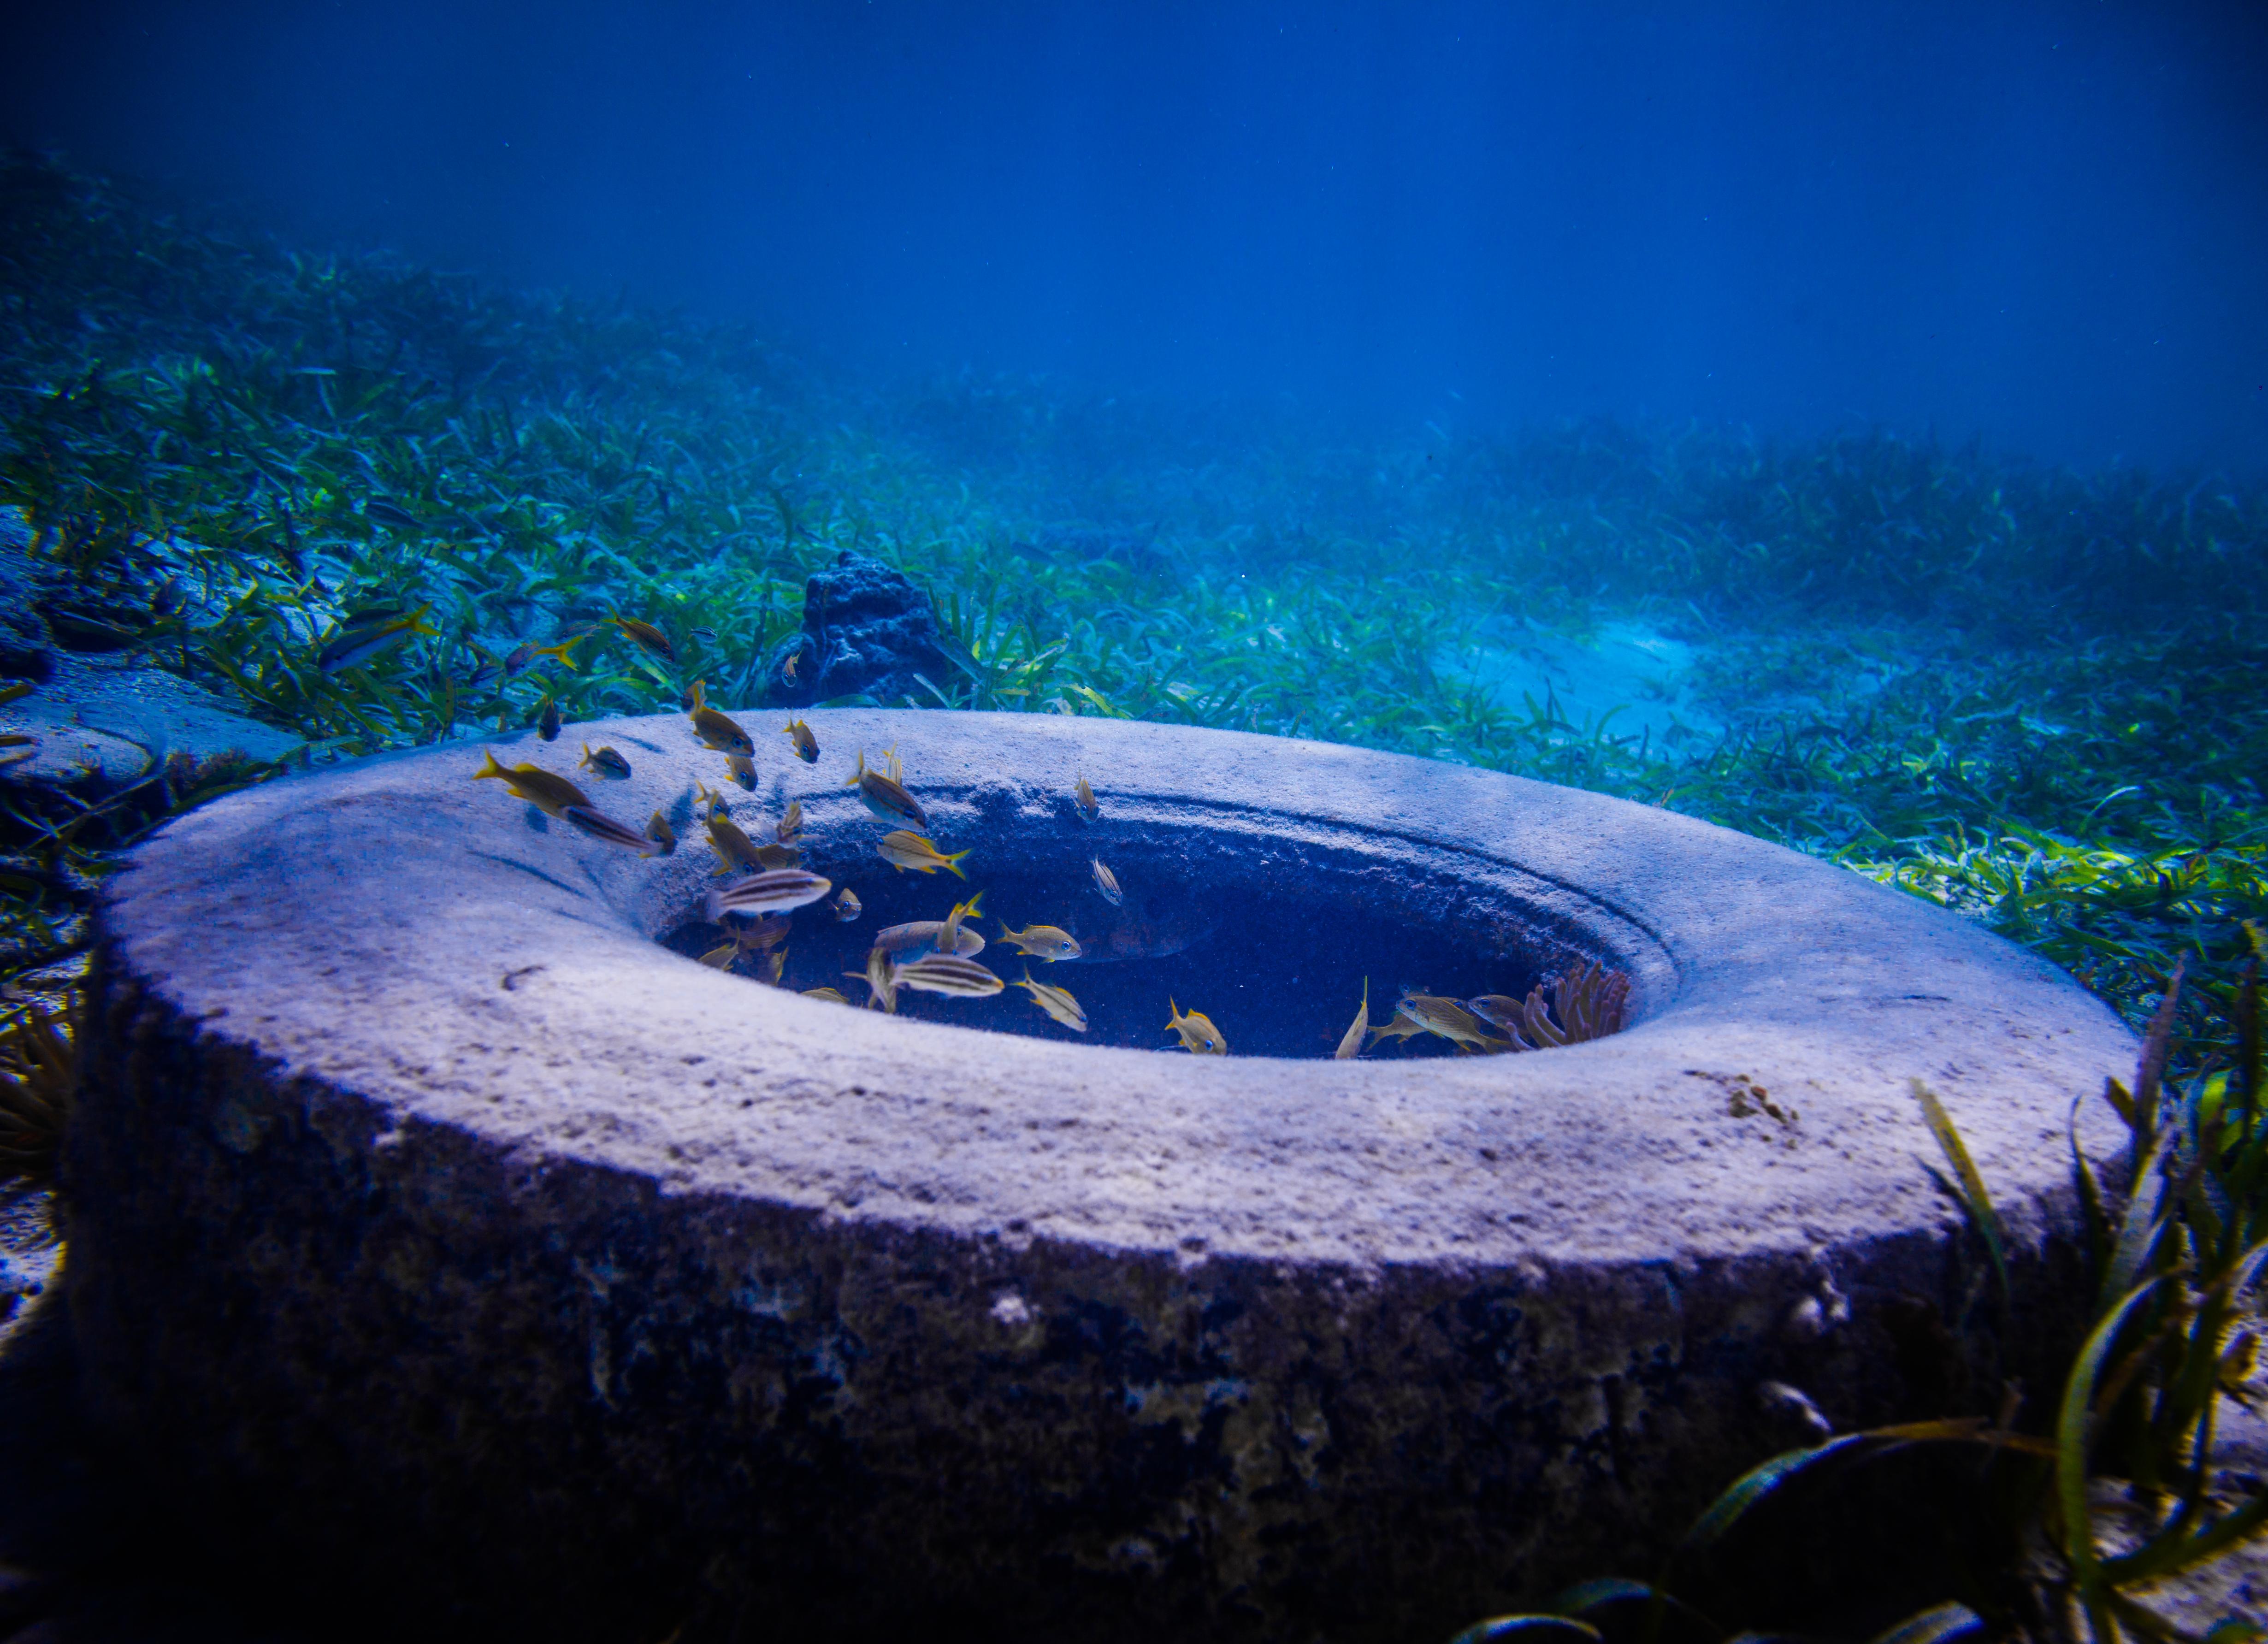 Tire Found Underwater